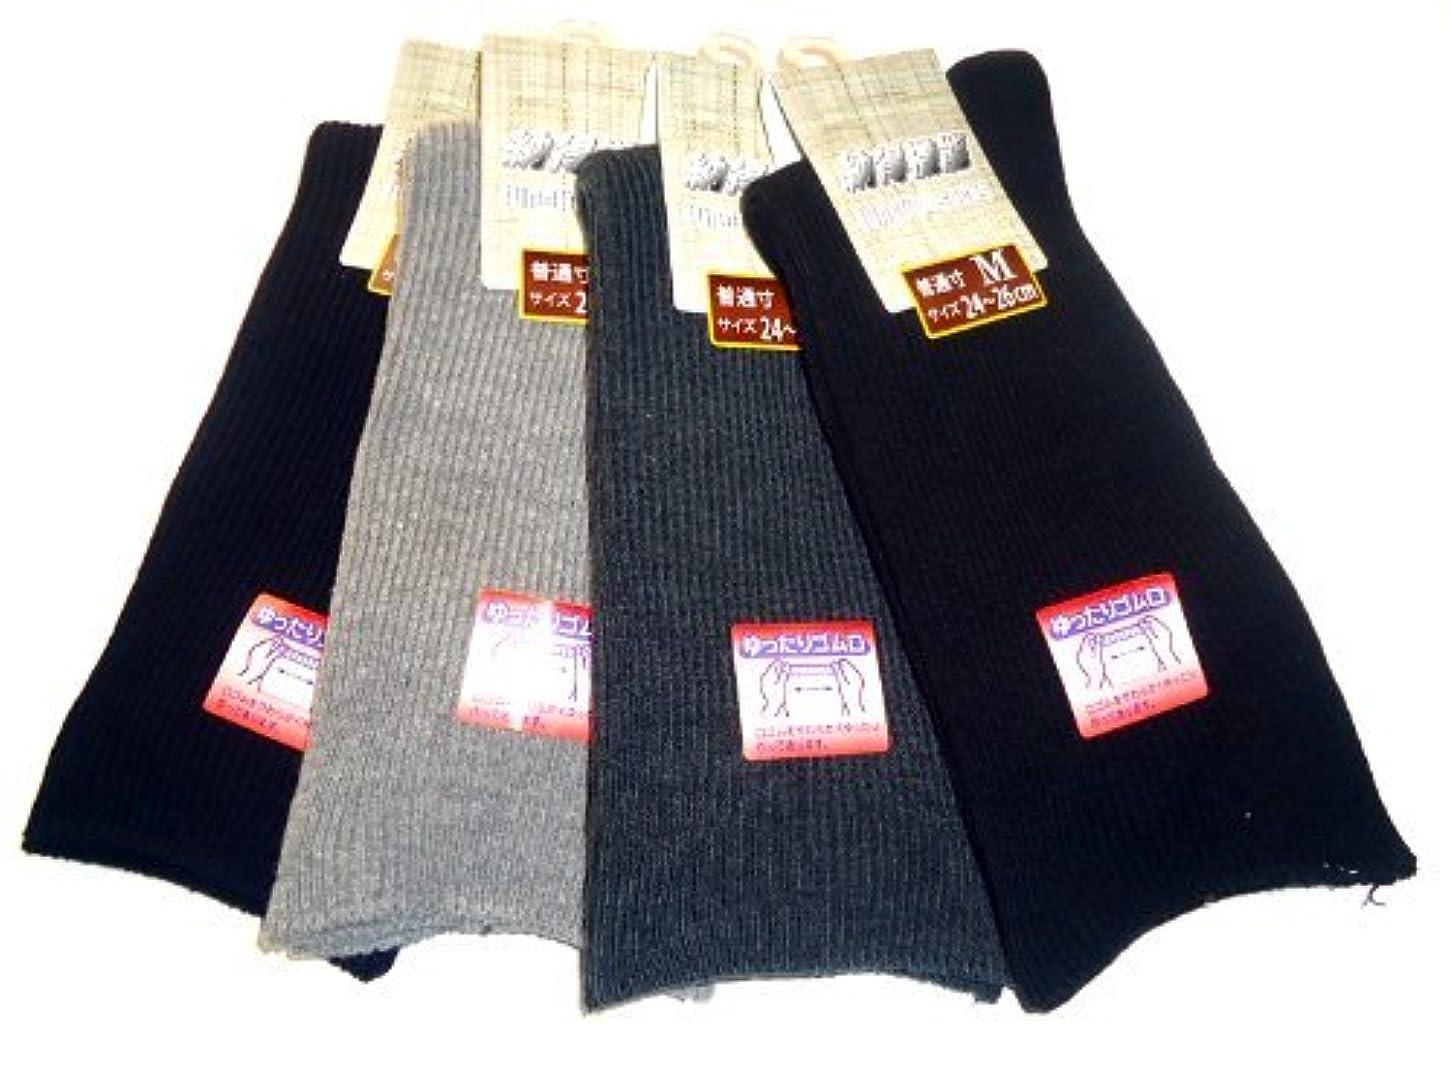 泣いている改善天日本製 靴下 メンズ 口ゴムなし ゆったり靴下 24-26cm お買得4色4足組